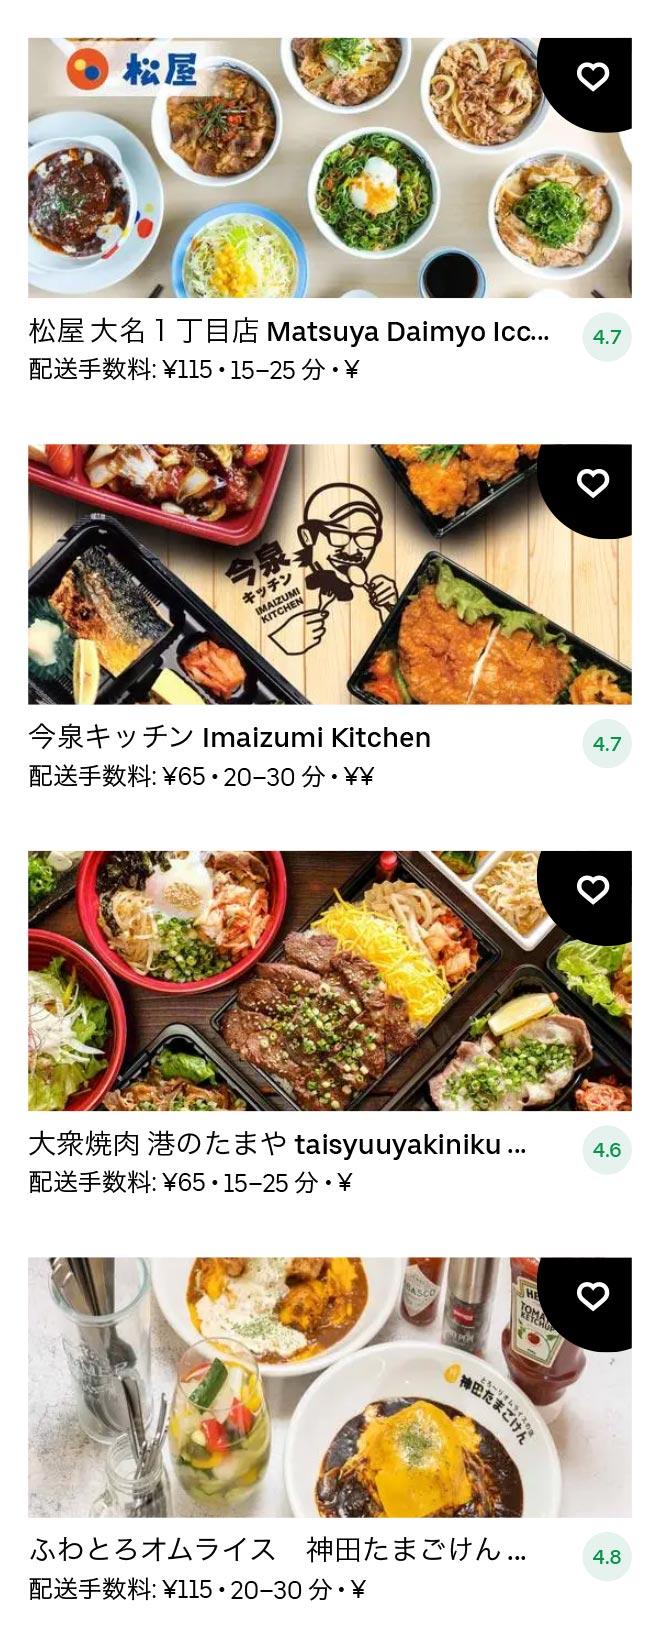 Akasaka menu 2101 09